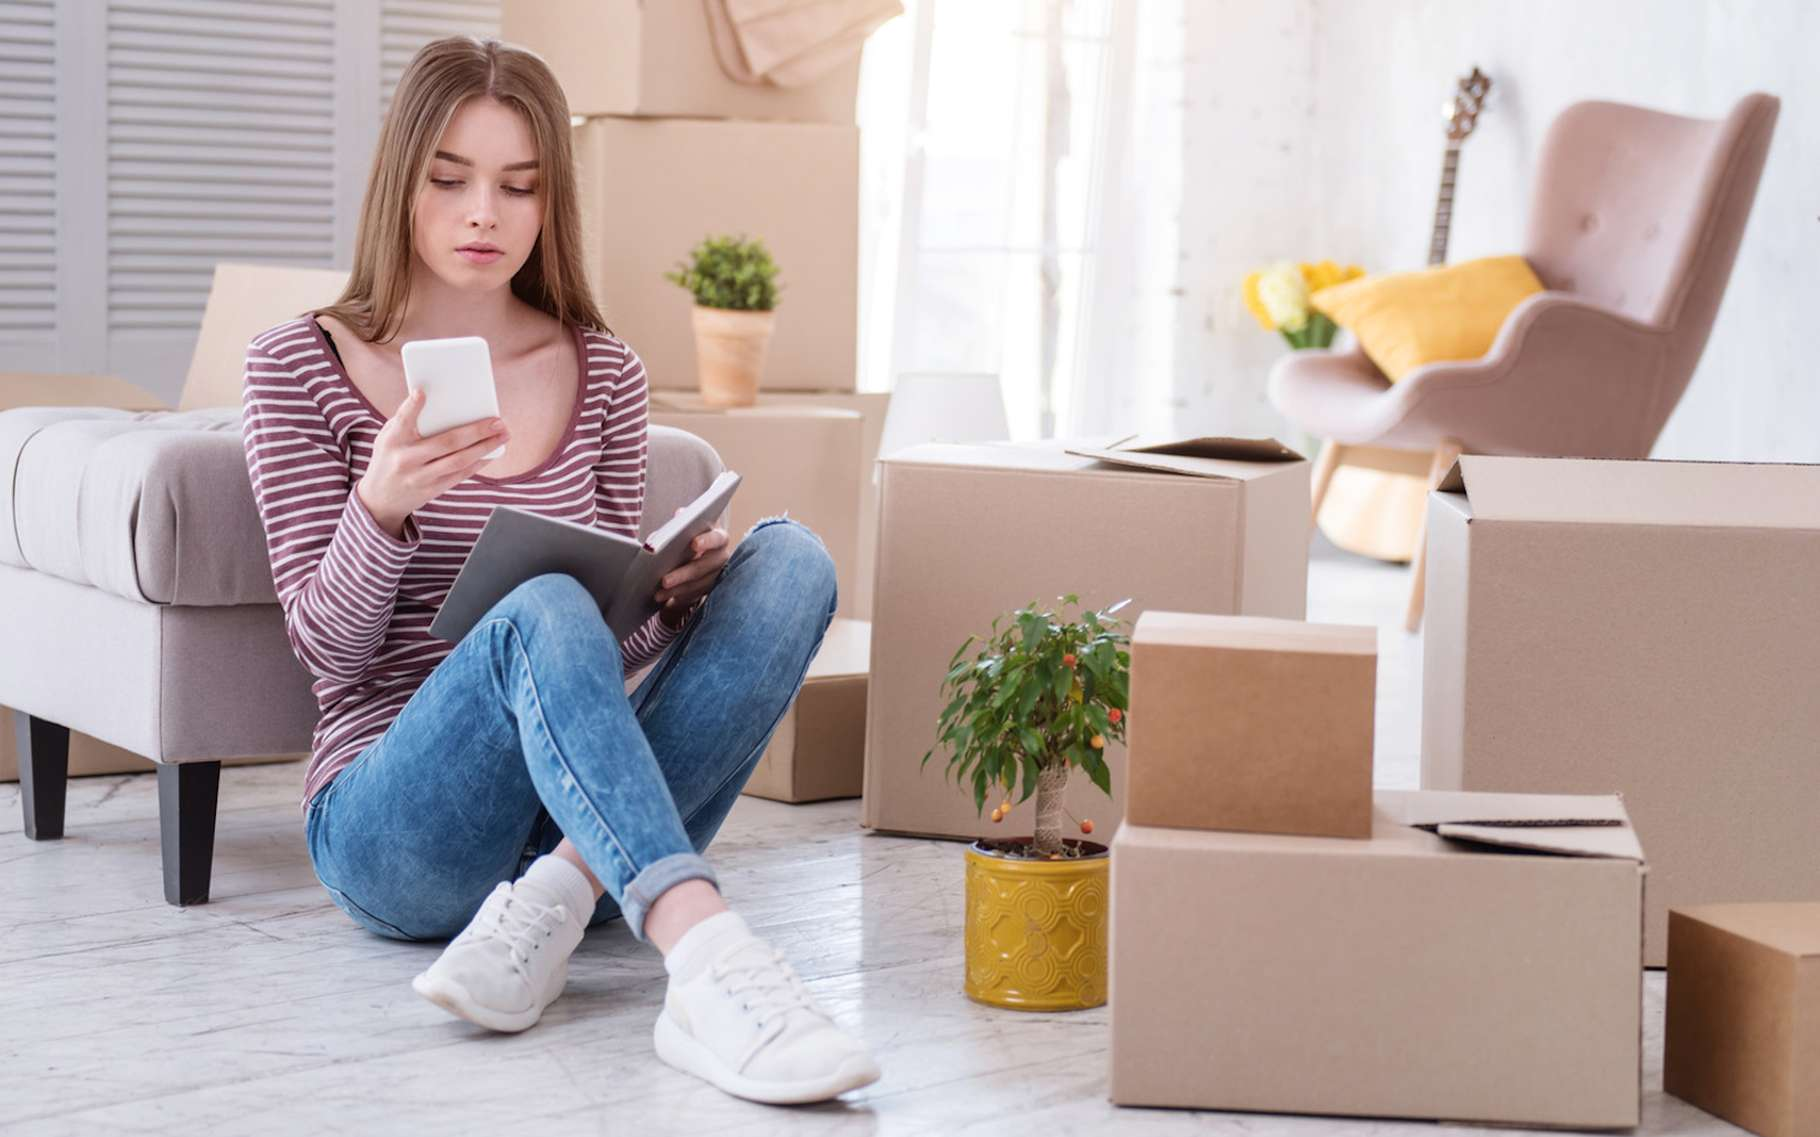 Lors d'un déménagement, les démarches à entreprendre pour ouvrir un contrat d'électricité sont généralement très simples. © zinkevych, Fotolia